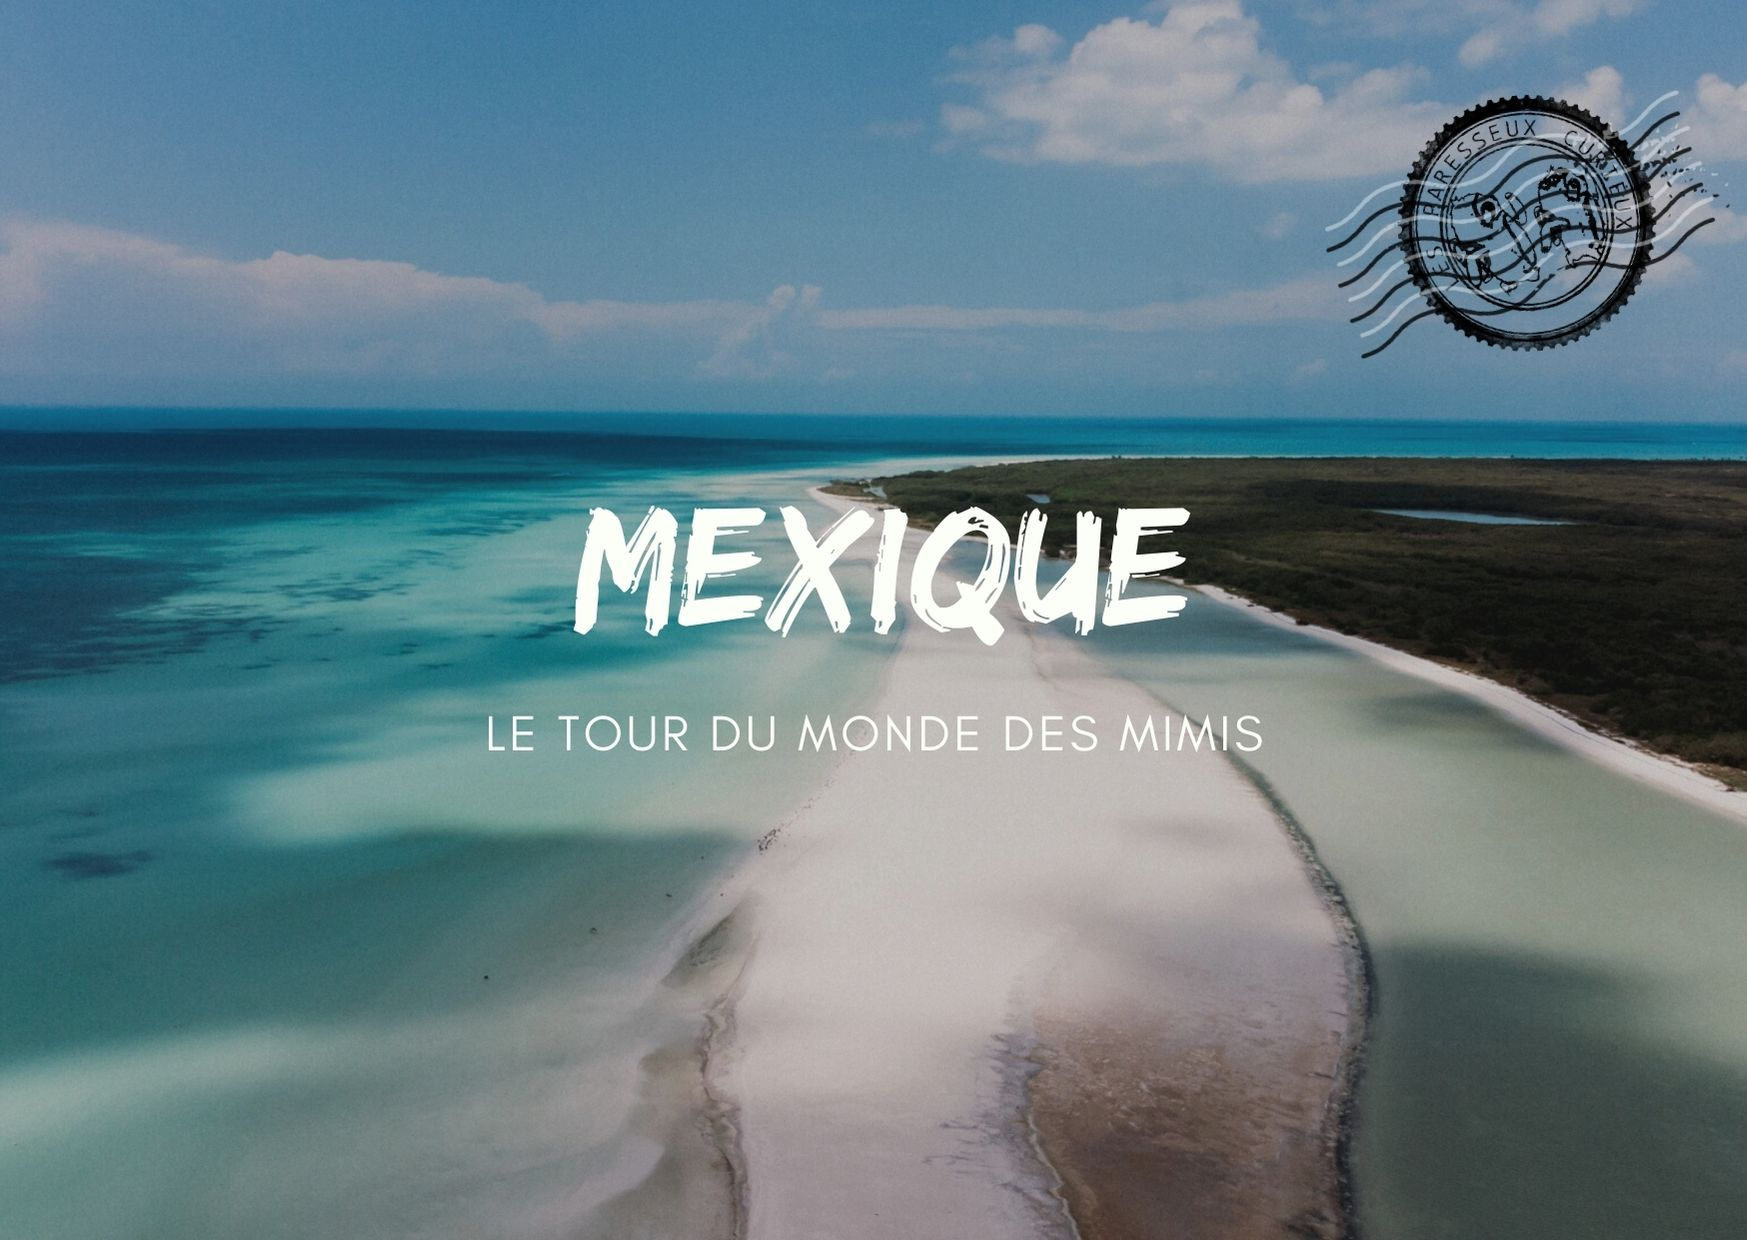 carte_postale_mexique_paresseux_curieux